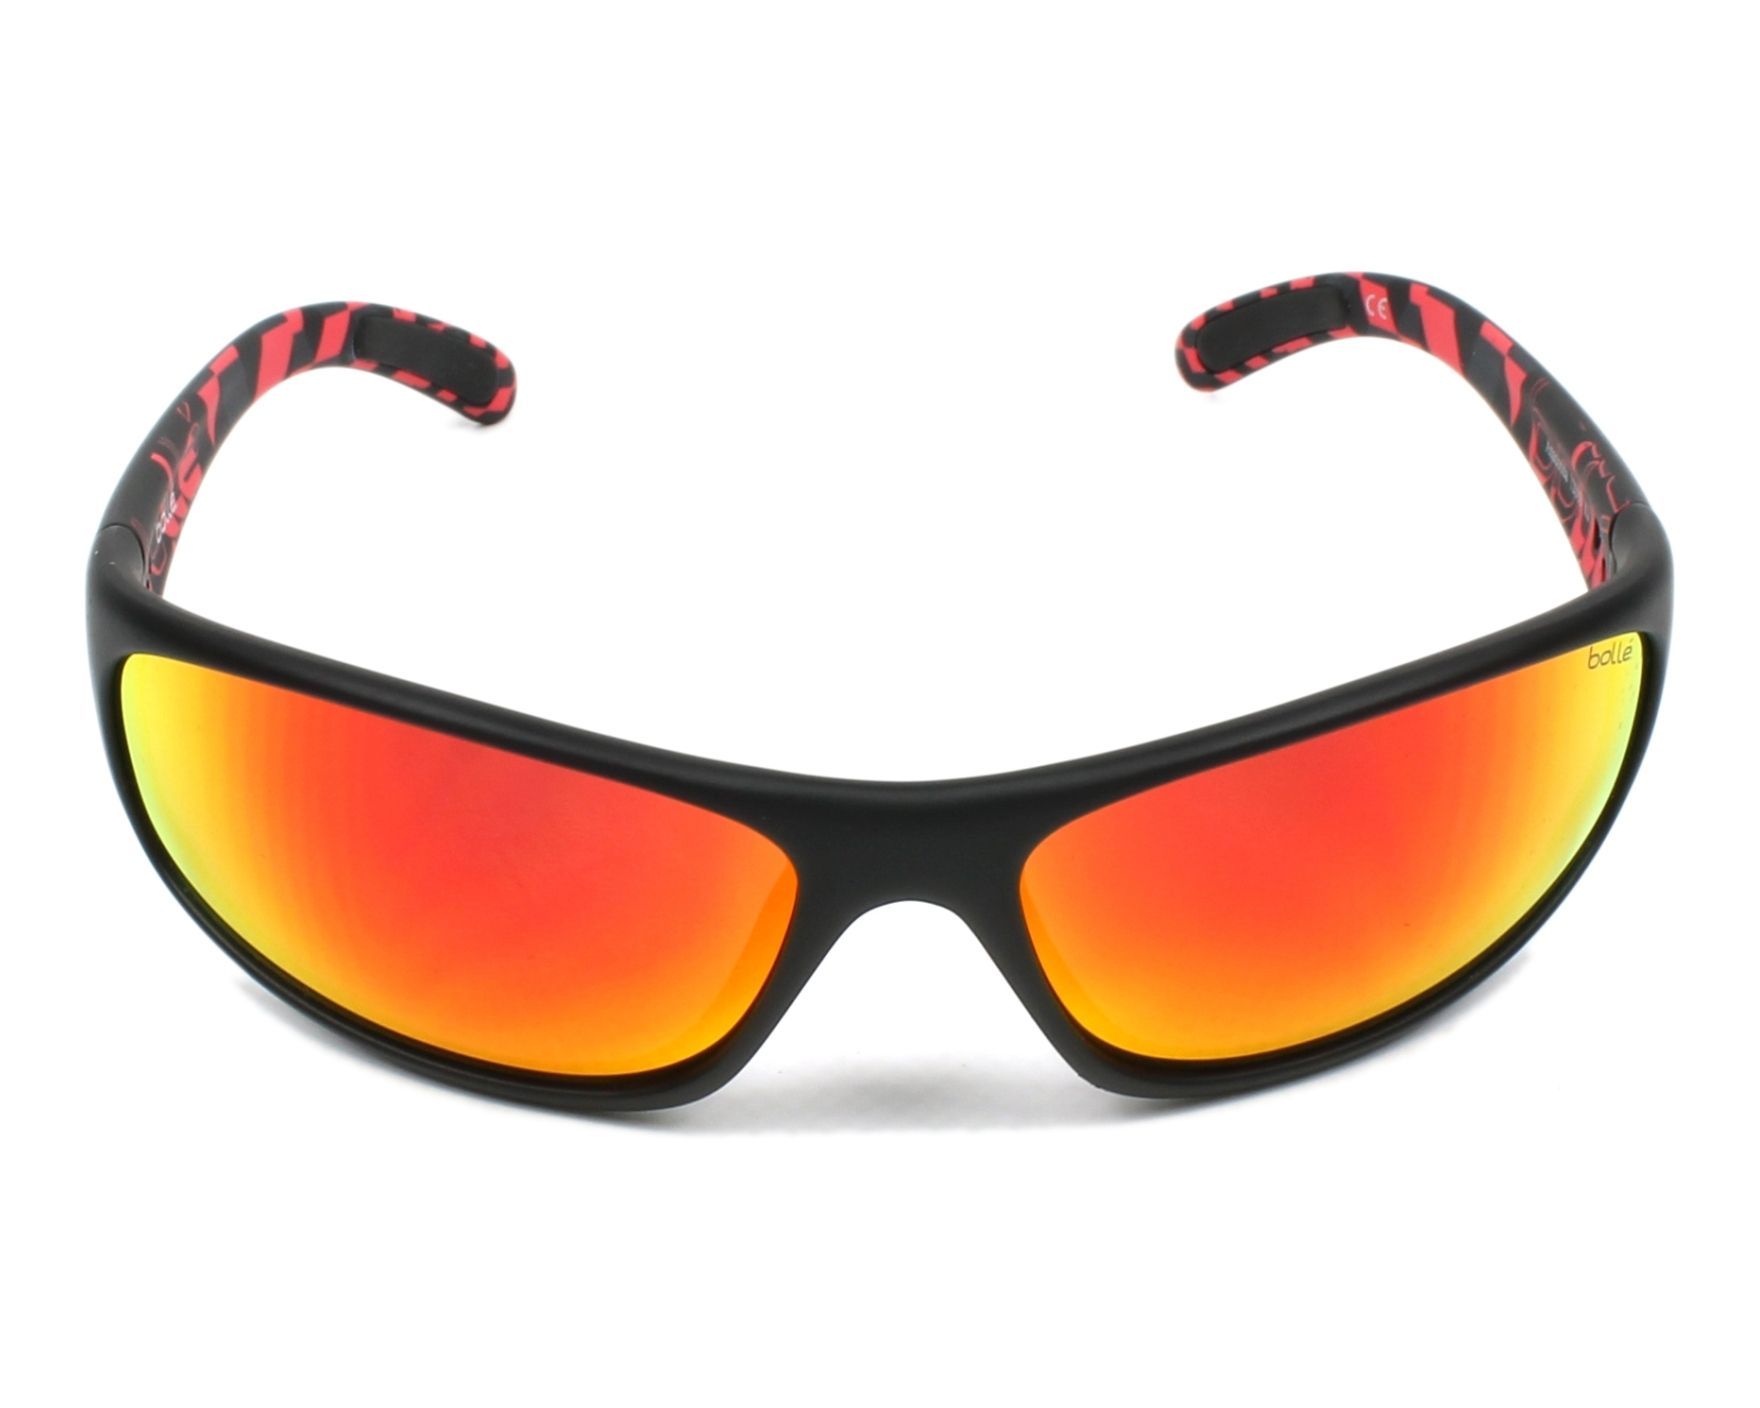 f124b8c94a14fe Lunettes de soleil Bollé ANACONDA 12080 - Noir Rouge vue de face